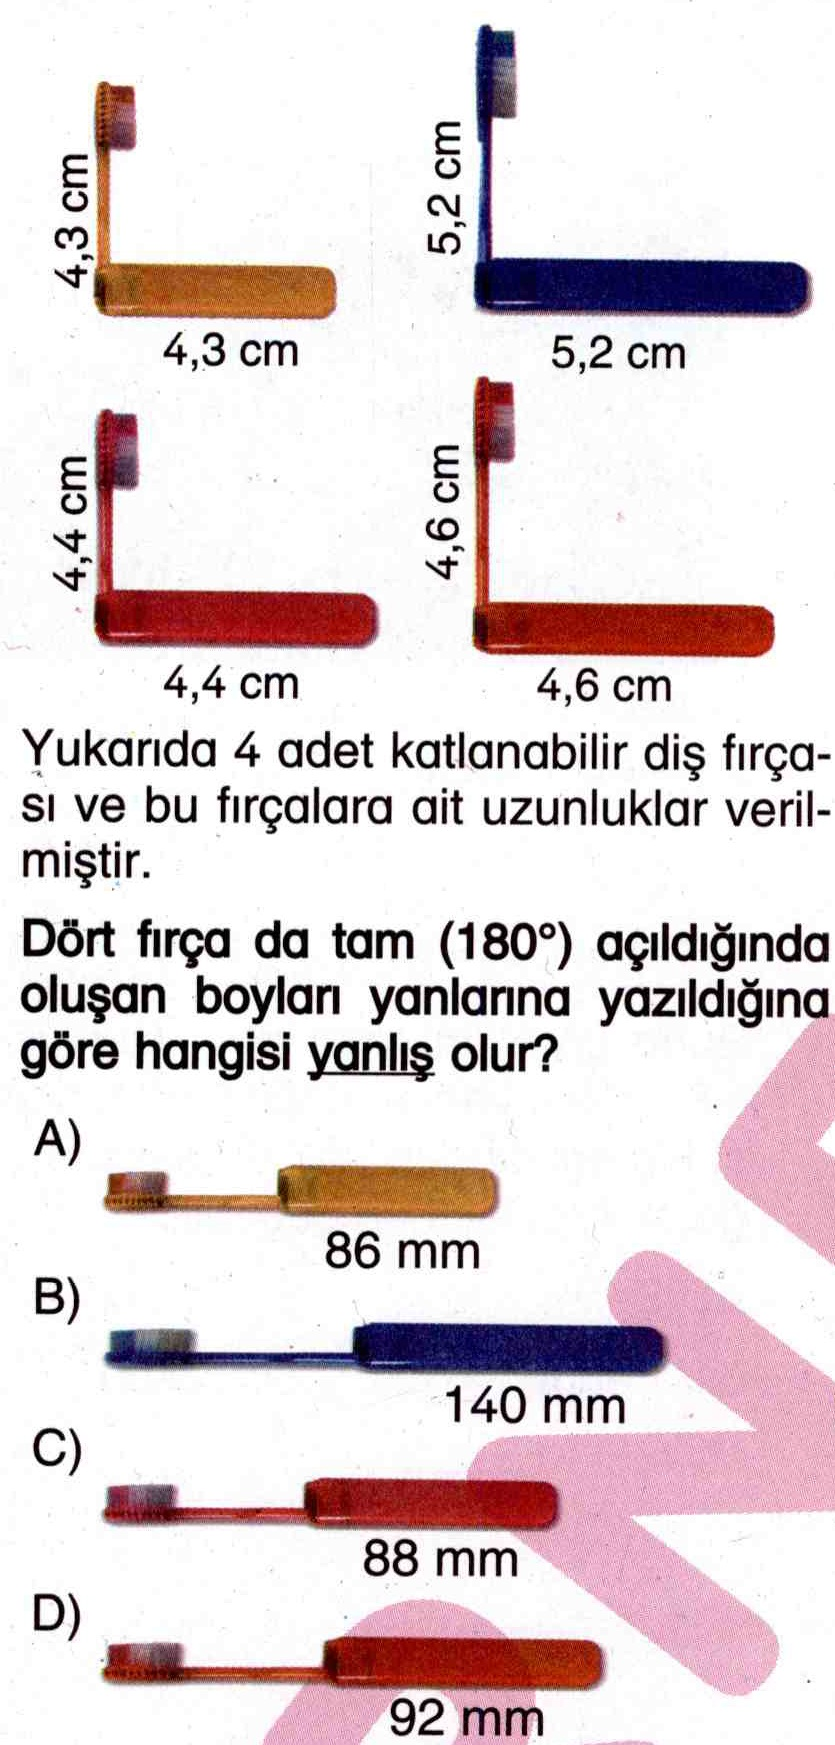 4 farklı boydaki fırçanın uzunluklarının hesaplanması ile ilgili soru